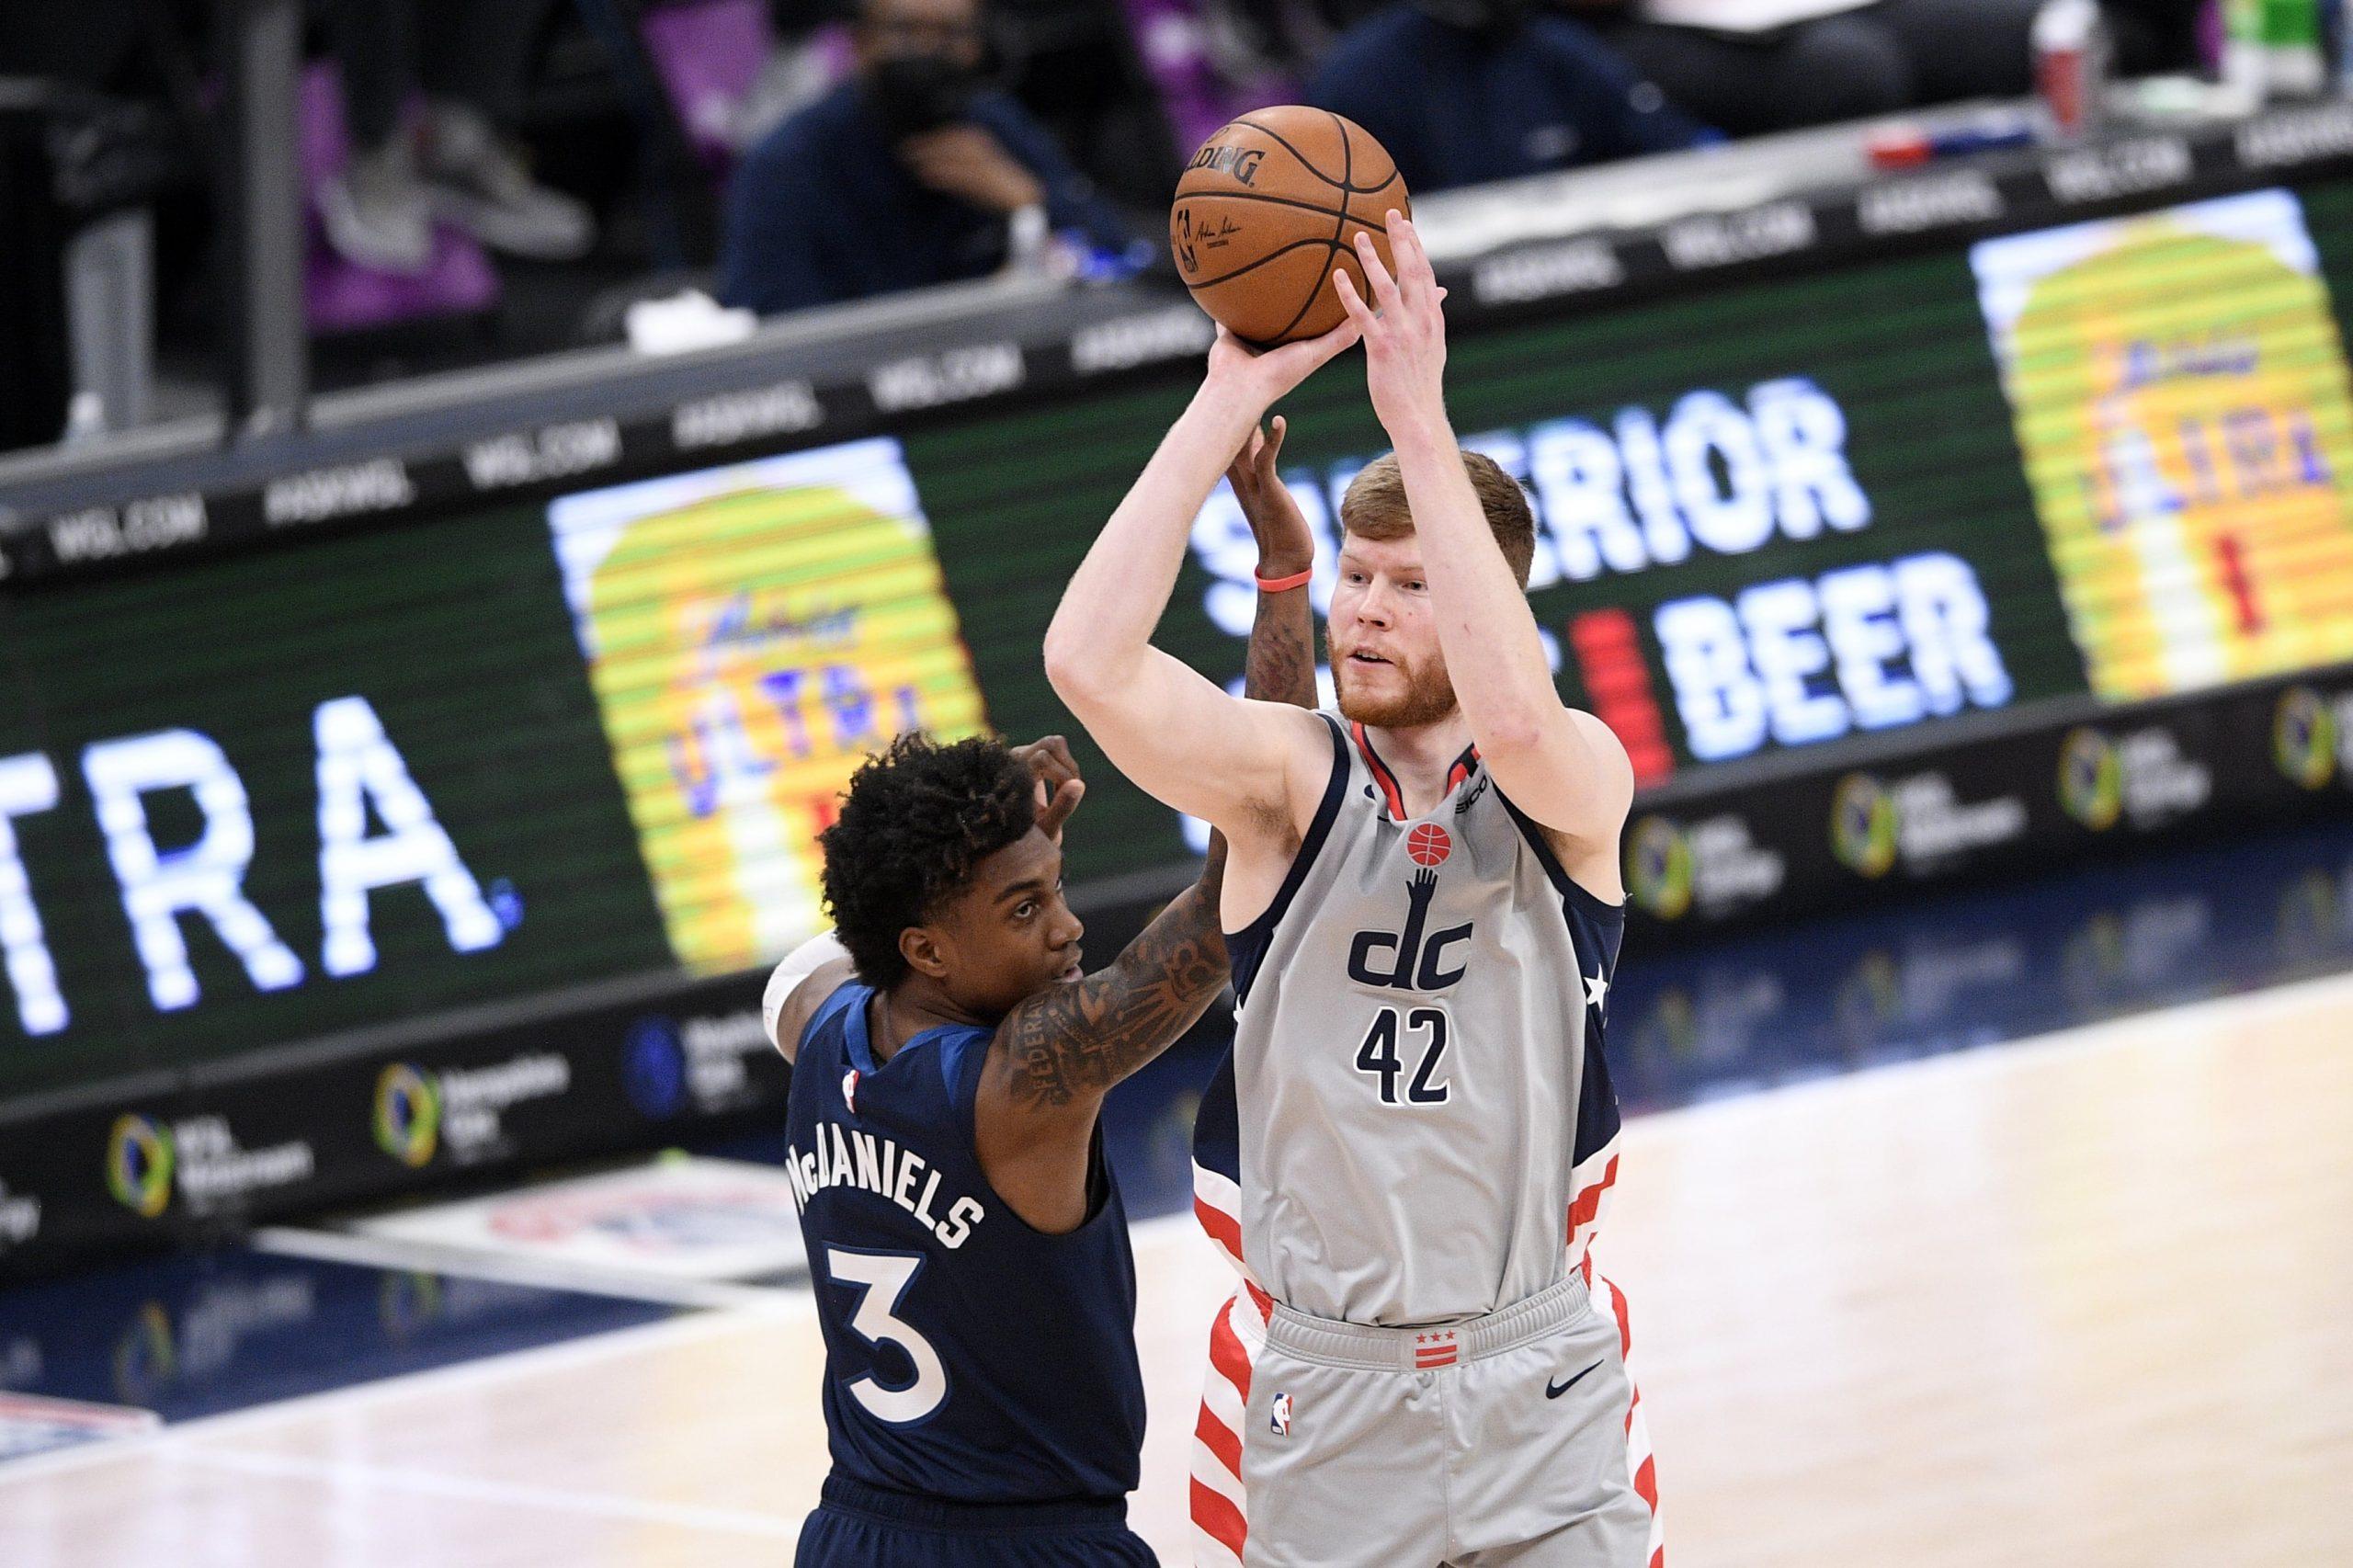 """NBA pussezona aizvadīta – """"Wizards"""" un """"Mavericks"""" sāk krāt uzvaras, """"Nets"""" bruņojas titulam"""